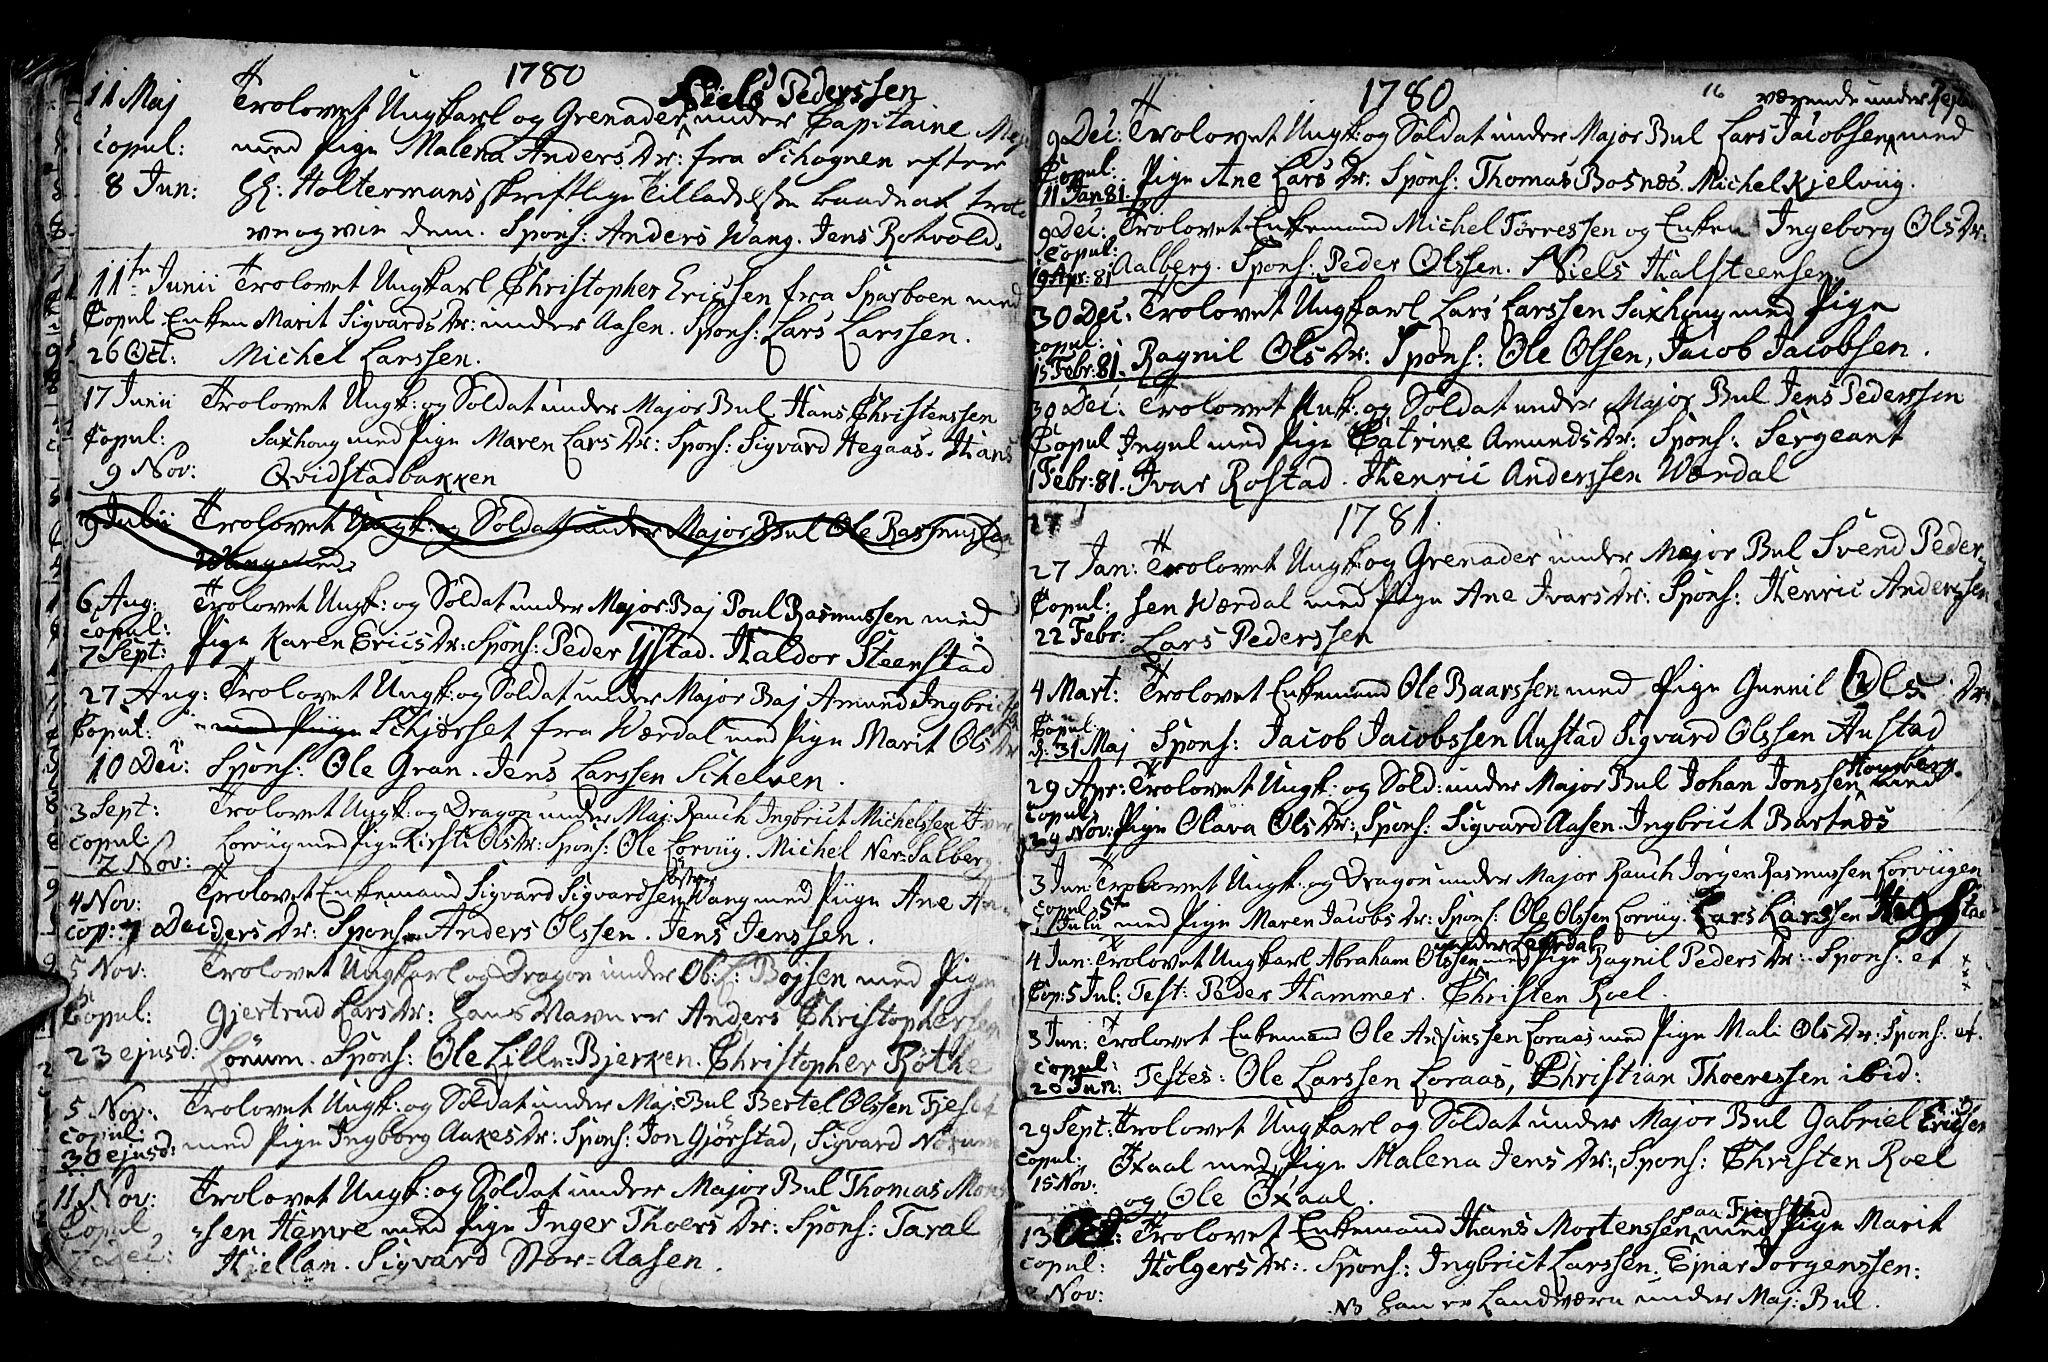 SAT, Ministerialprotokoller, klokkerbøker og fødselsregistre - Nord-Trøndelag, 730/L0273: Ministerialbok nr. 730A02, 1762-1802, s. 16